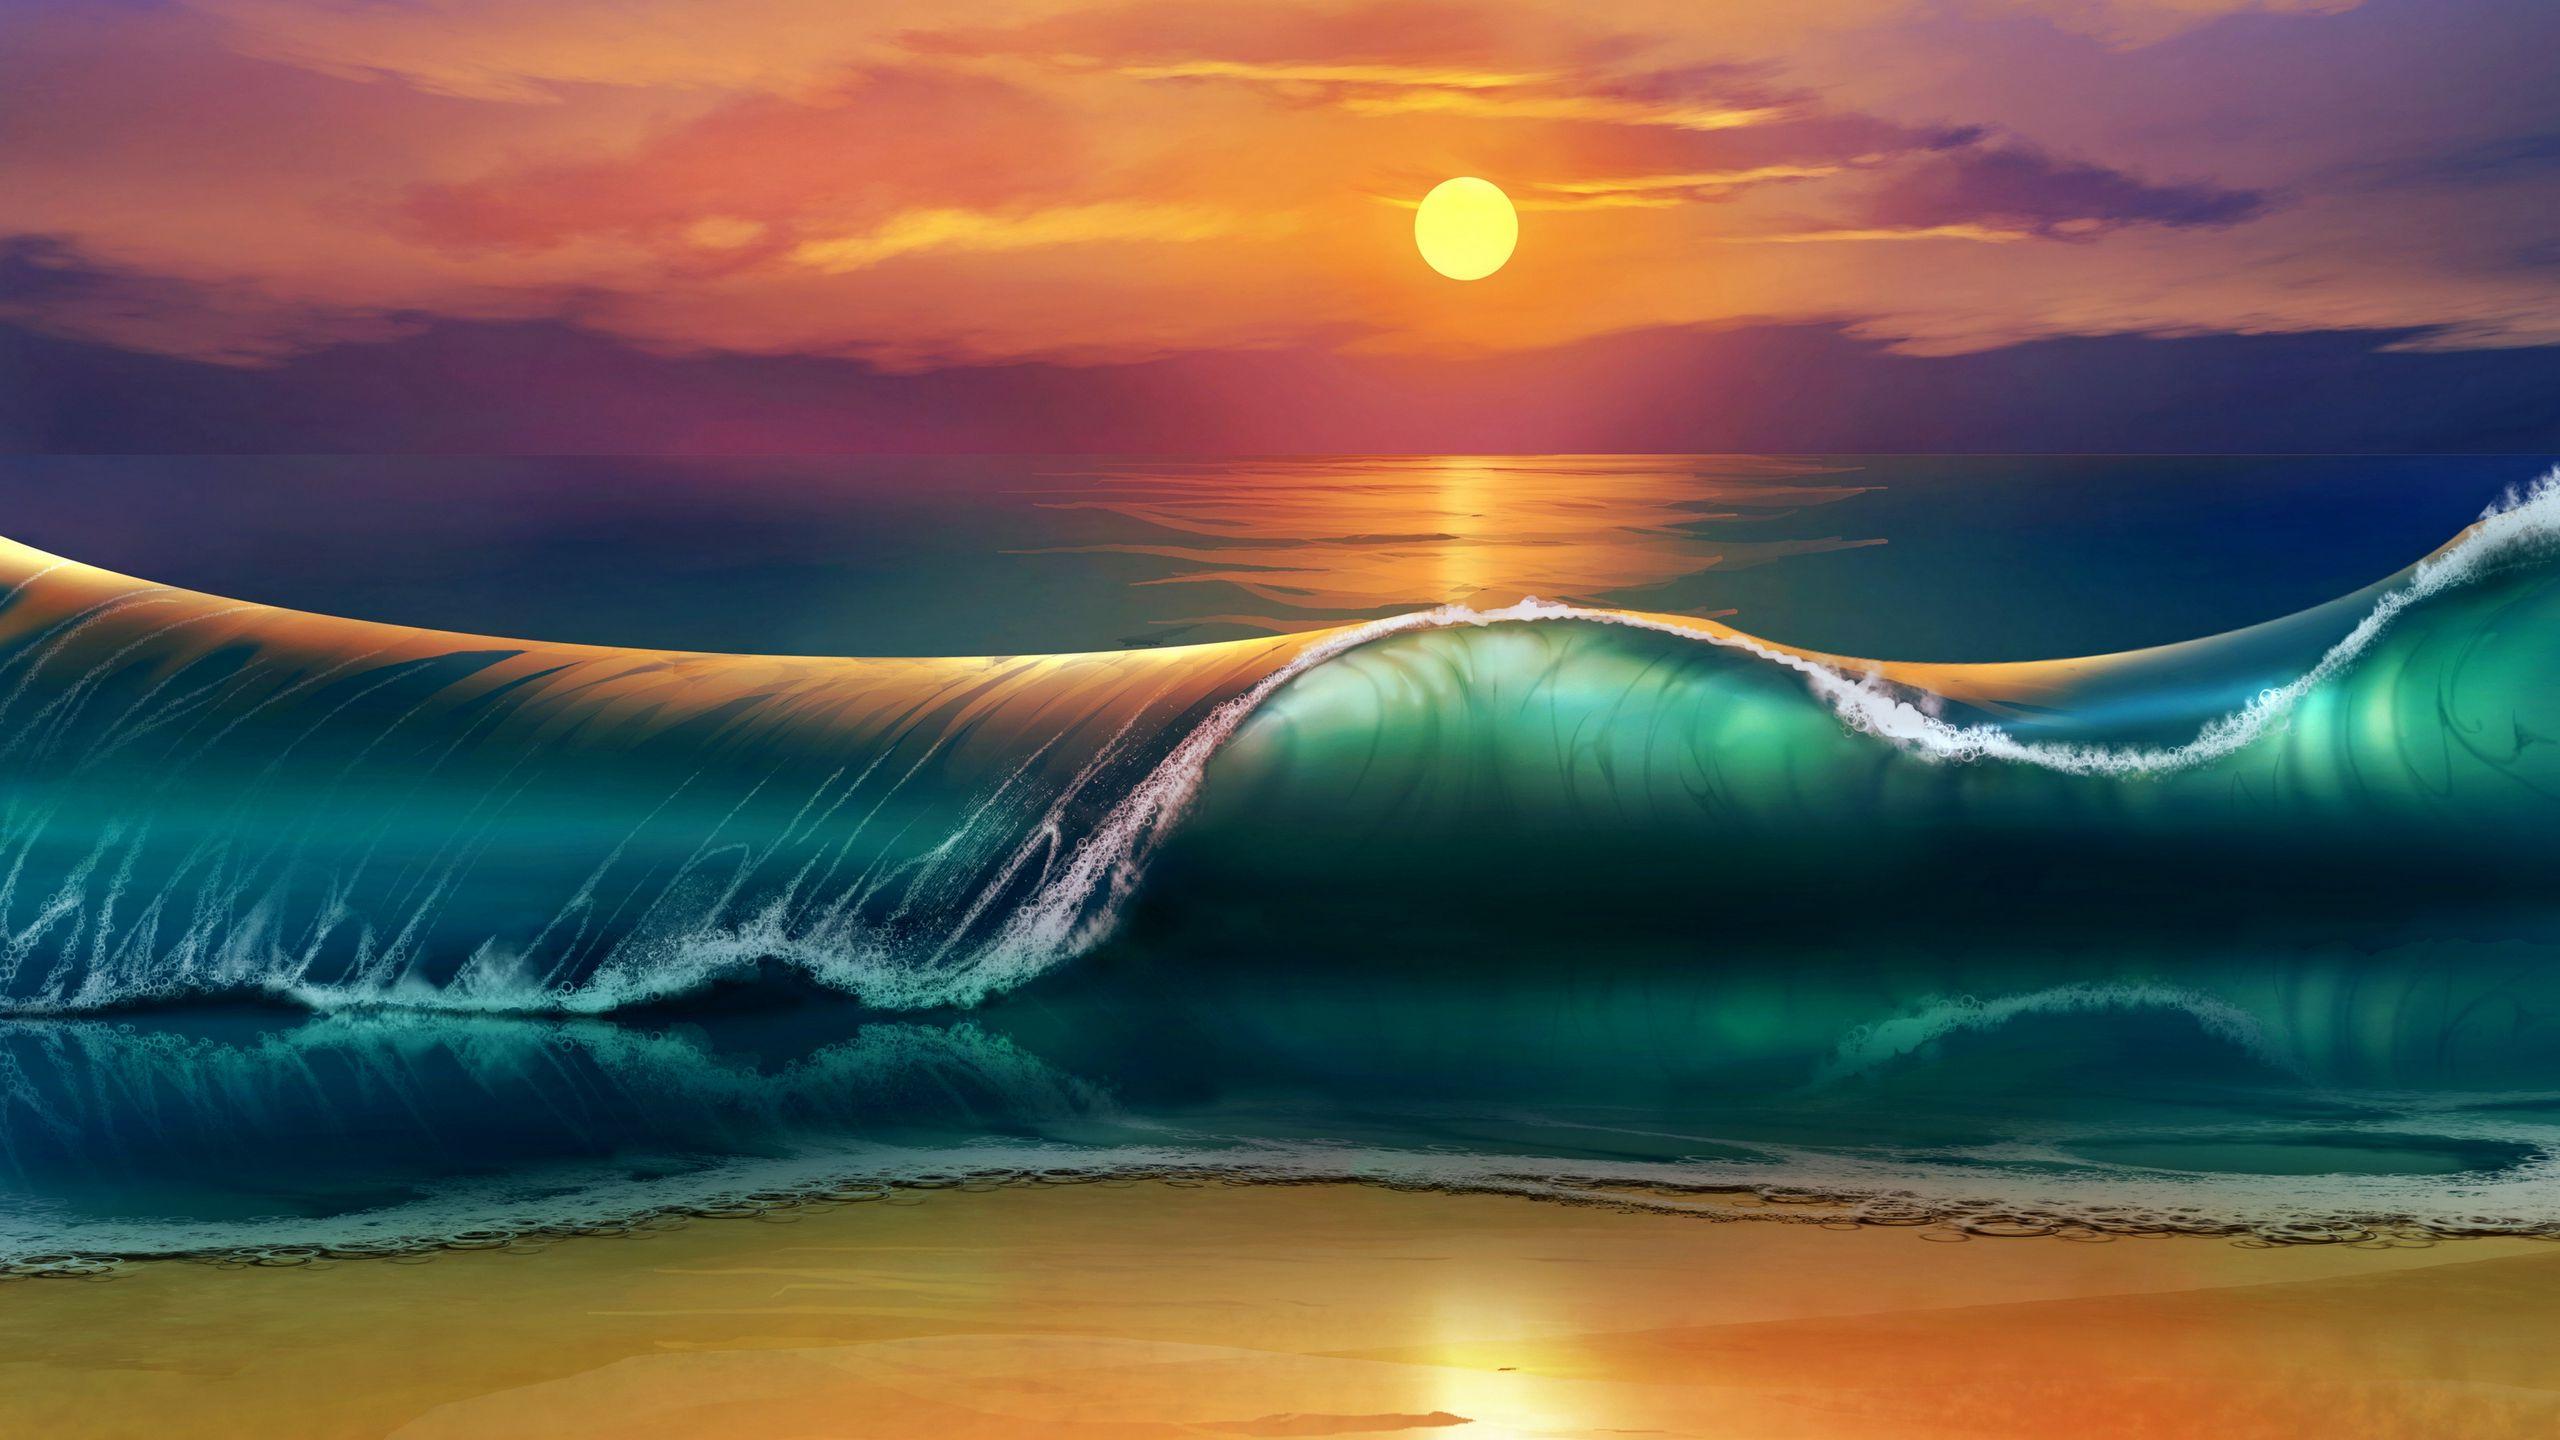 2560x1440 Wallpaper art, sunset, beach, sea, waves